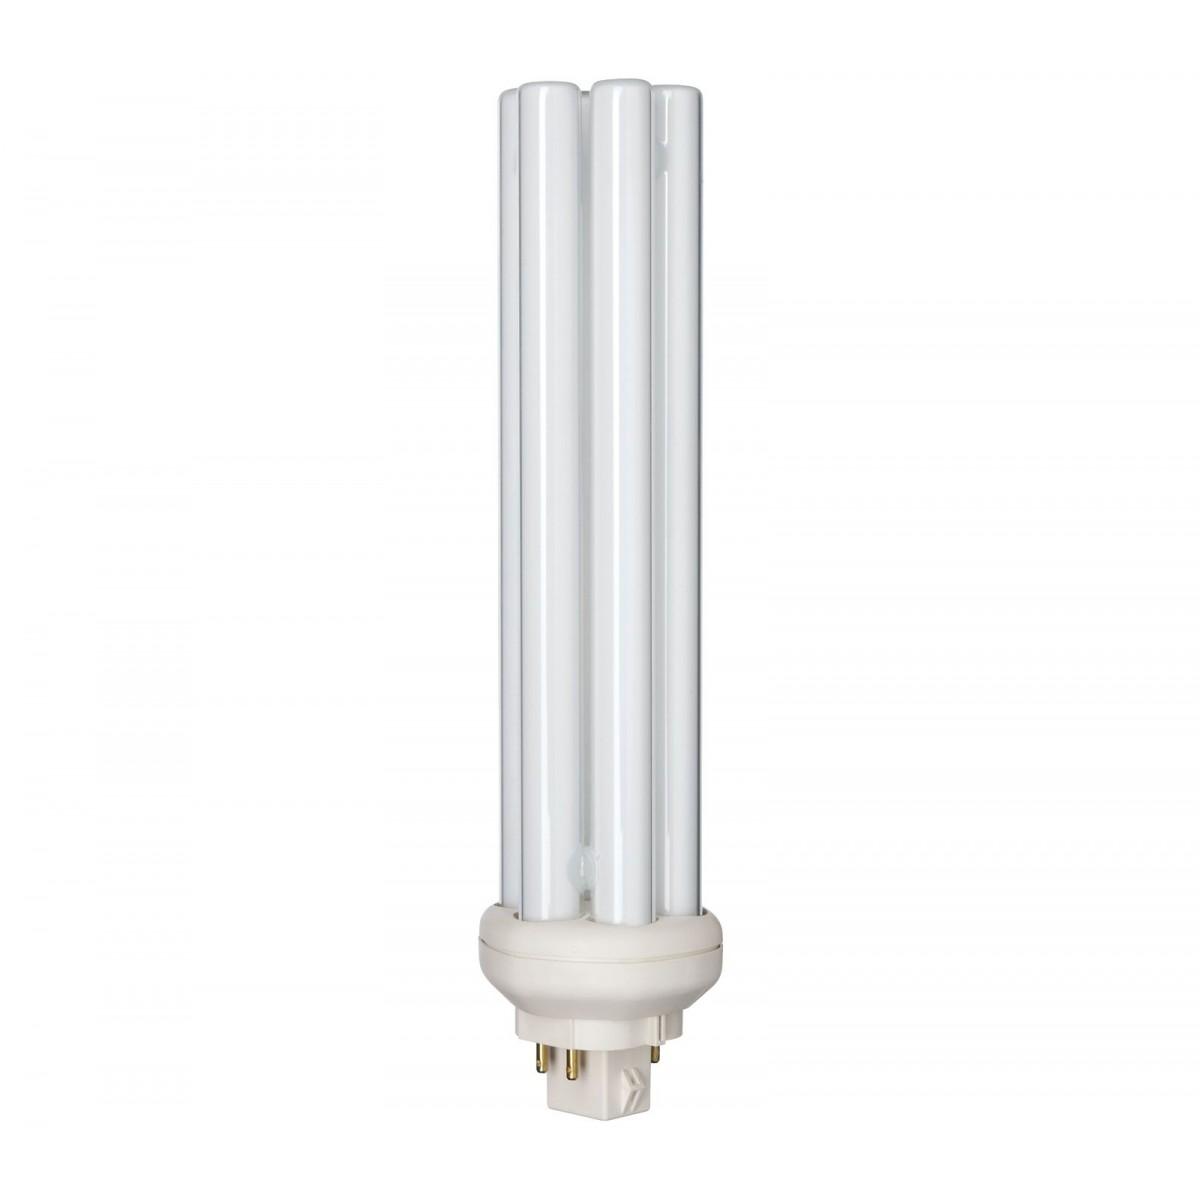 Ampoule GX24q-5 Philips PL-Tc TE  4P 57W 830 code 61140670